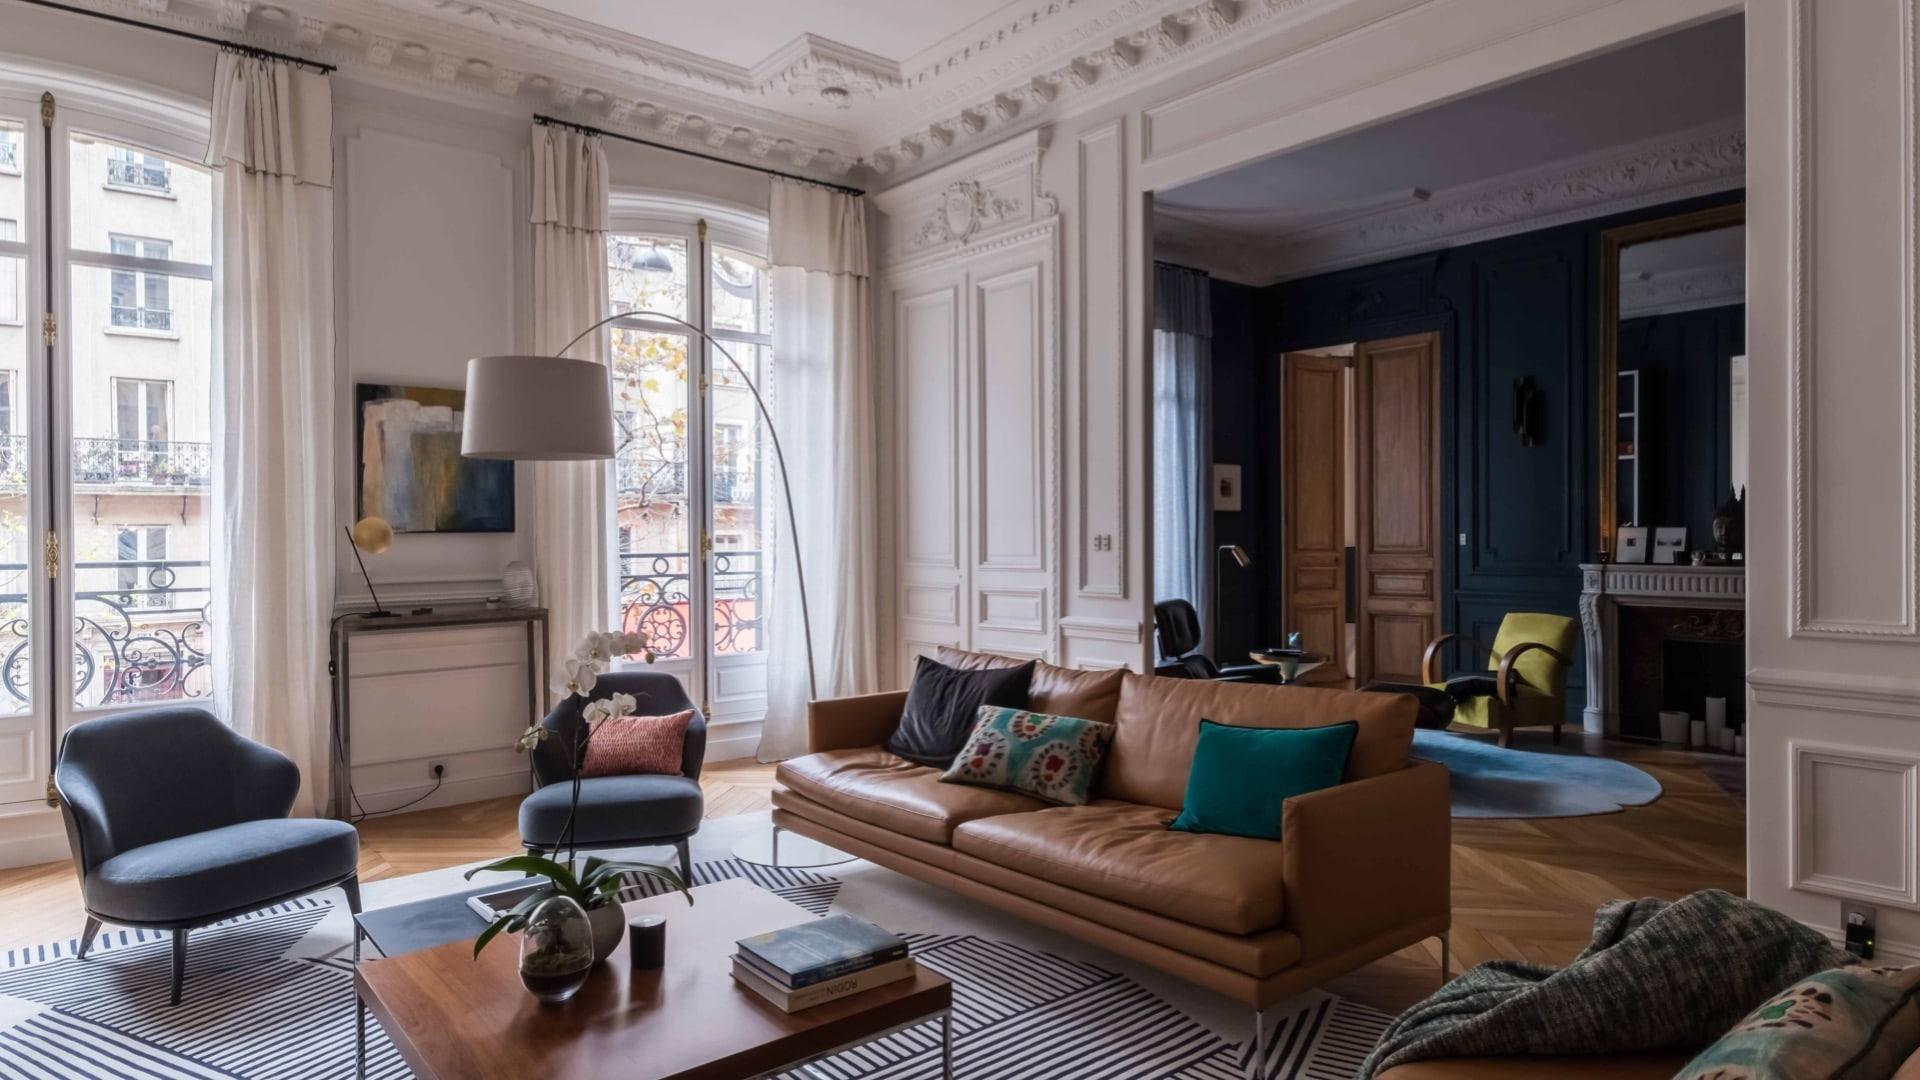 Agence immobilière Élancourt : quels sont les tarifs immobiliers à Élancourt ?